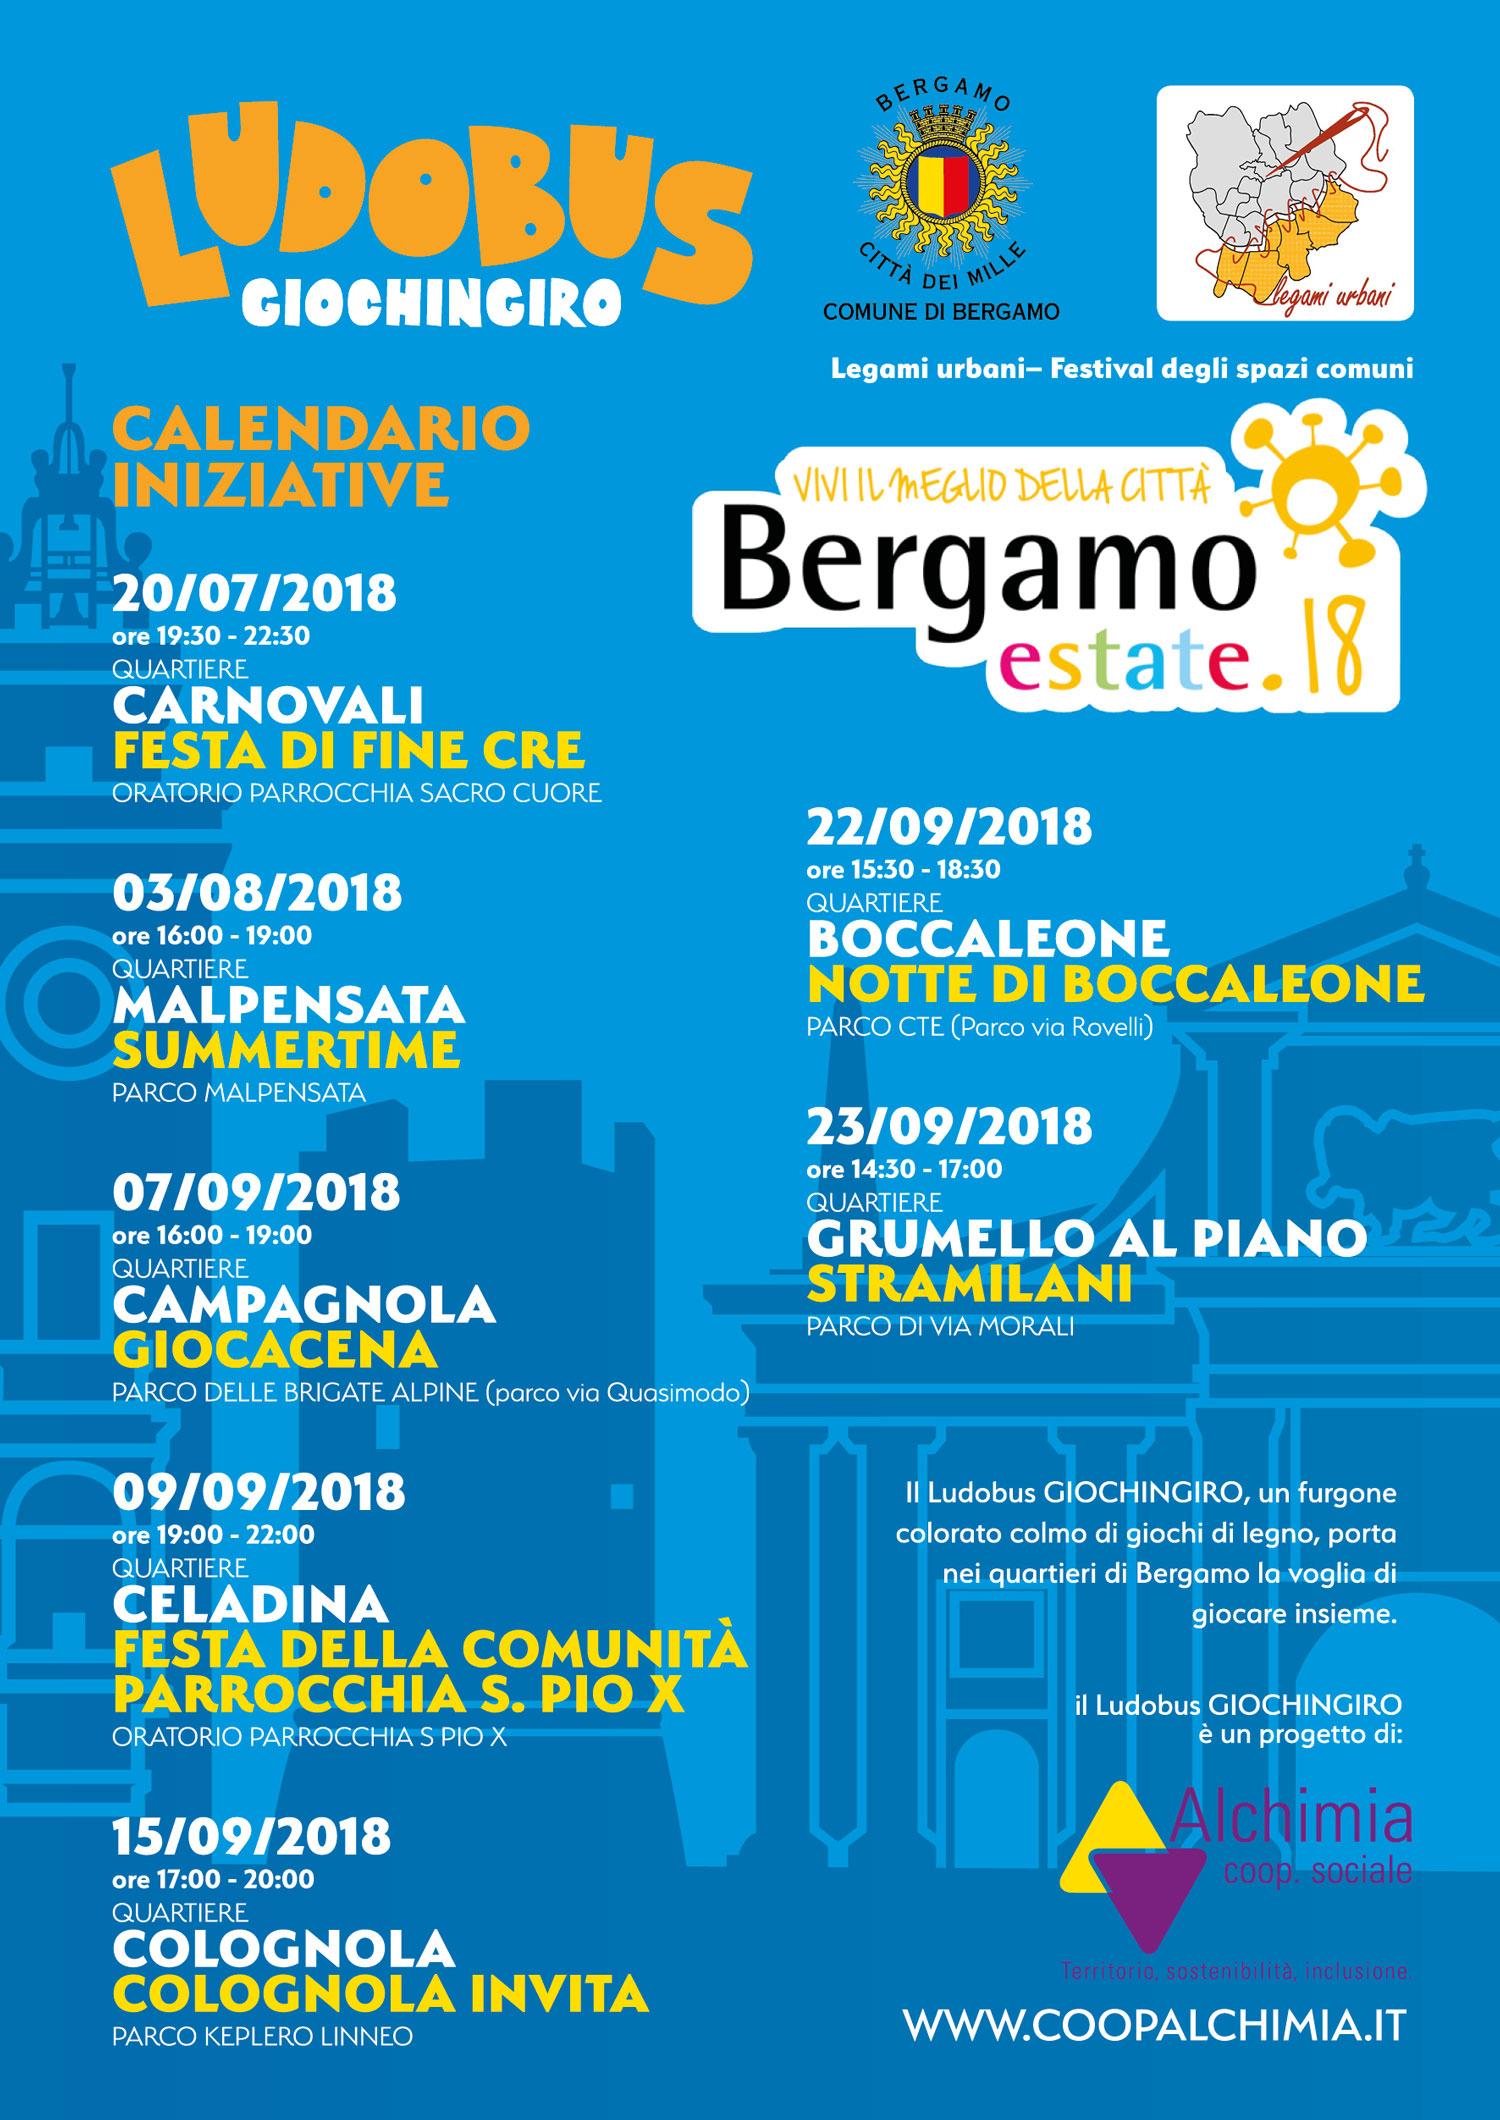 Apri Il Calendario.Alchimia Coop Sociale News Bergamo Estate Ludobus